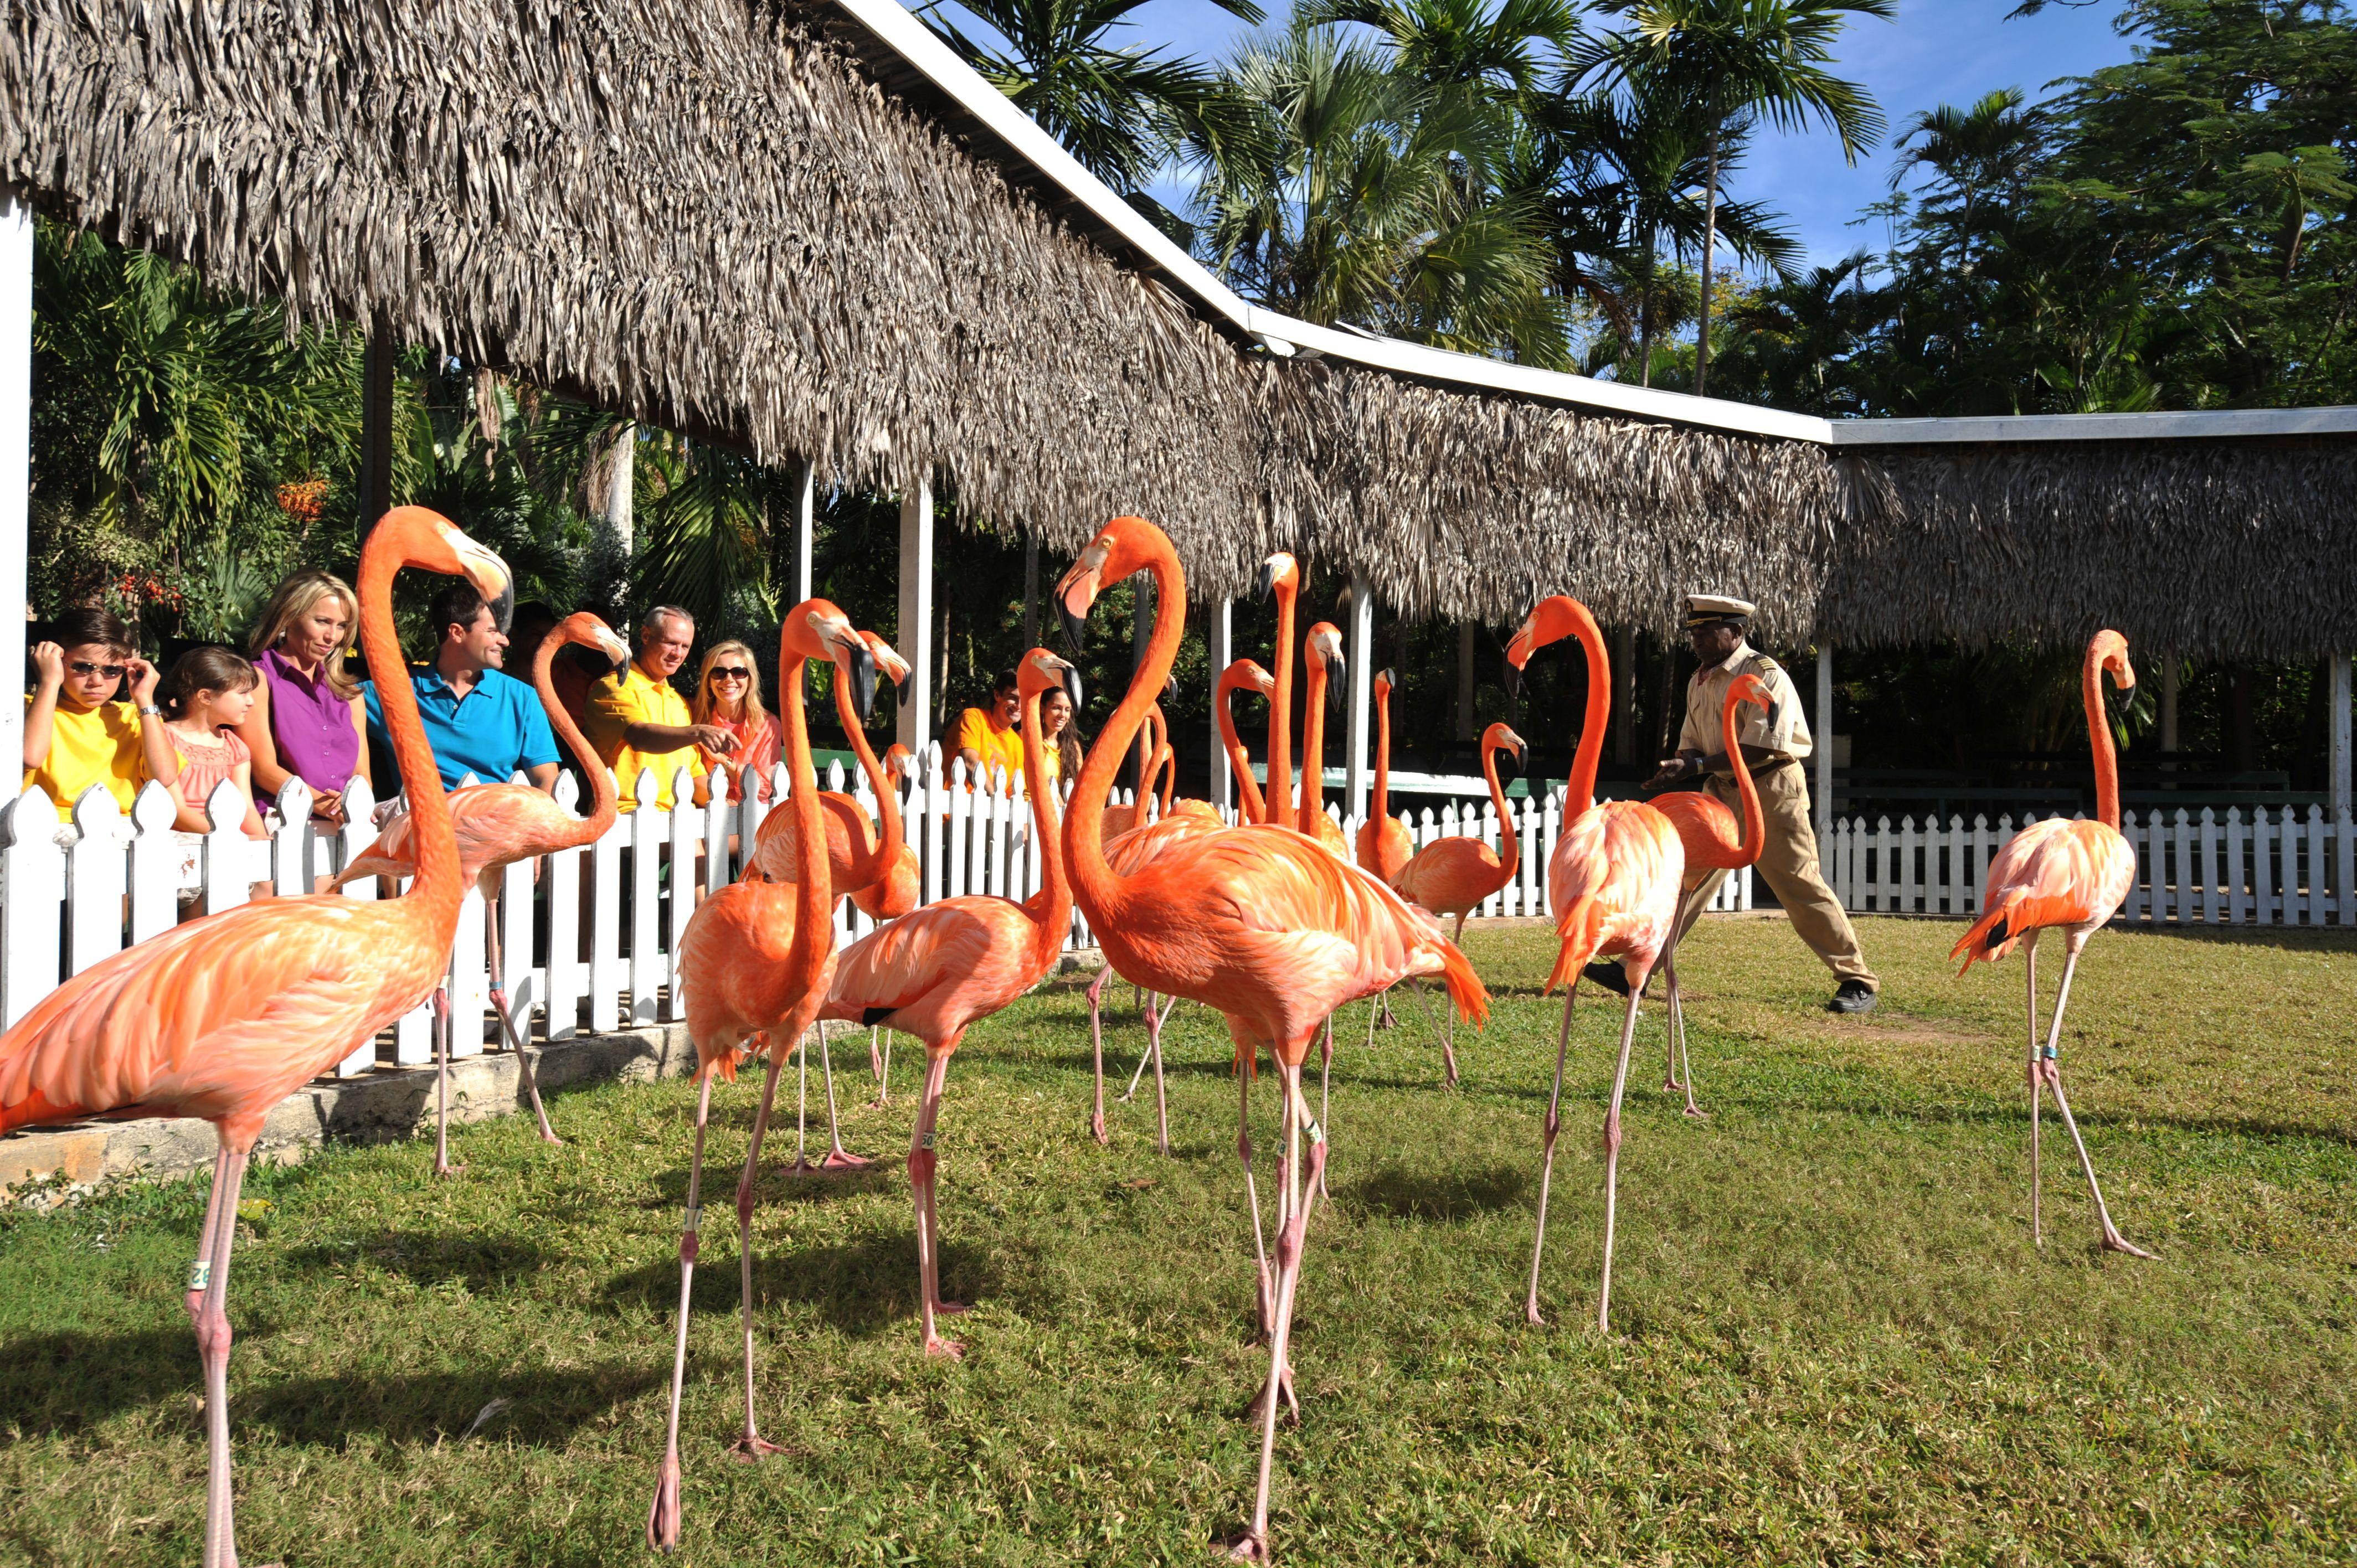 1523400a4d4d89ef82d867735cd04da4 - Nassau Bahamas Ardastra Gardens And Zoo